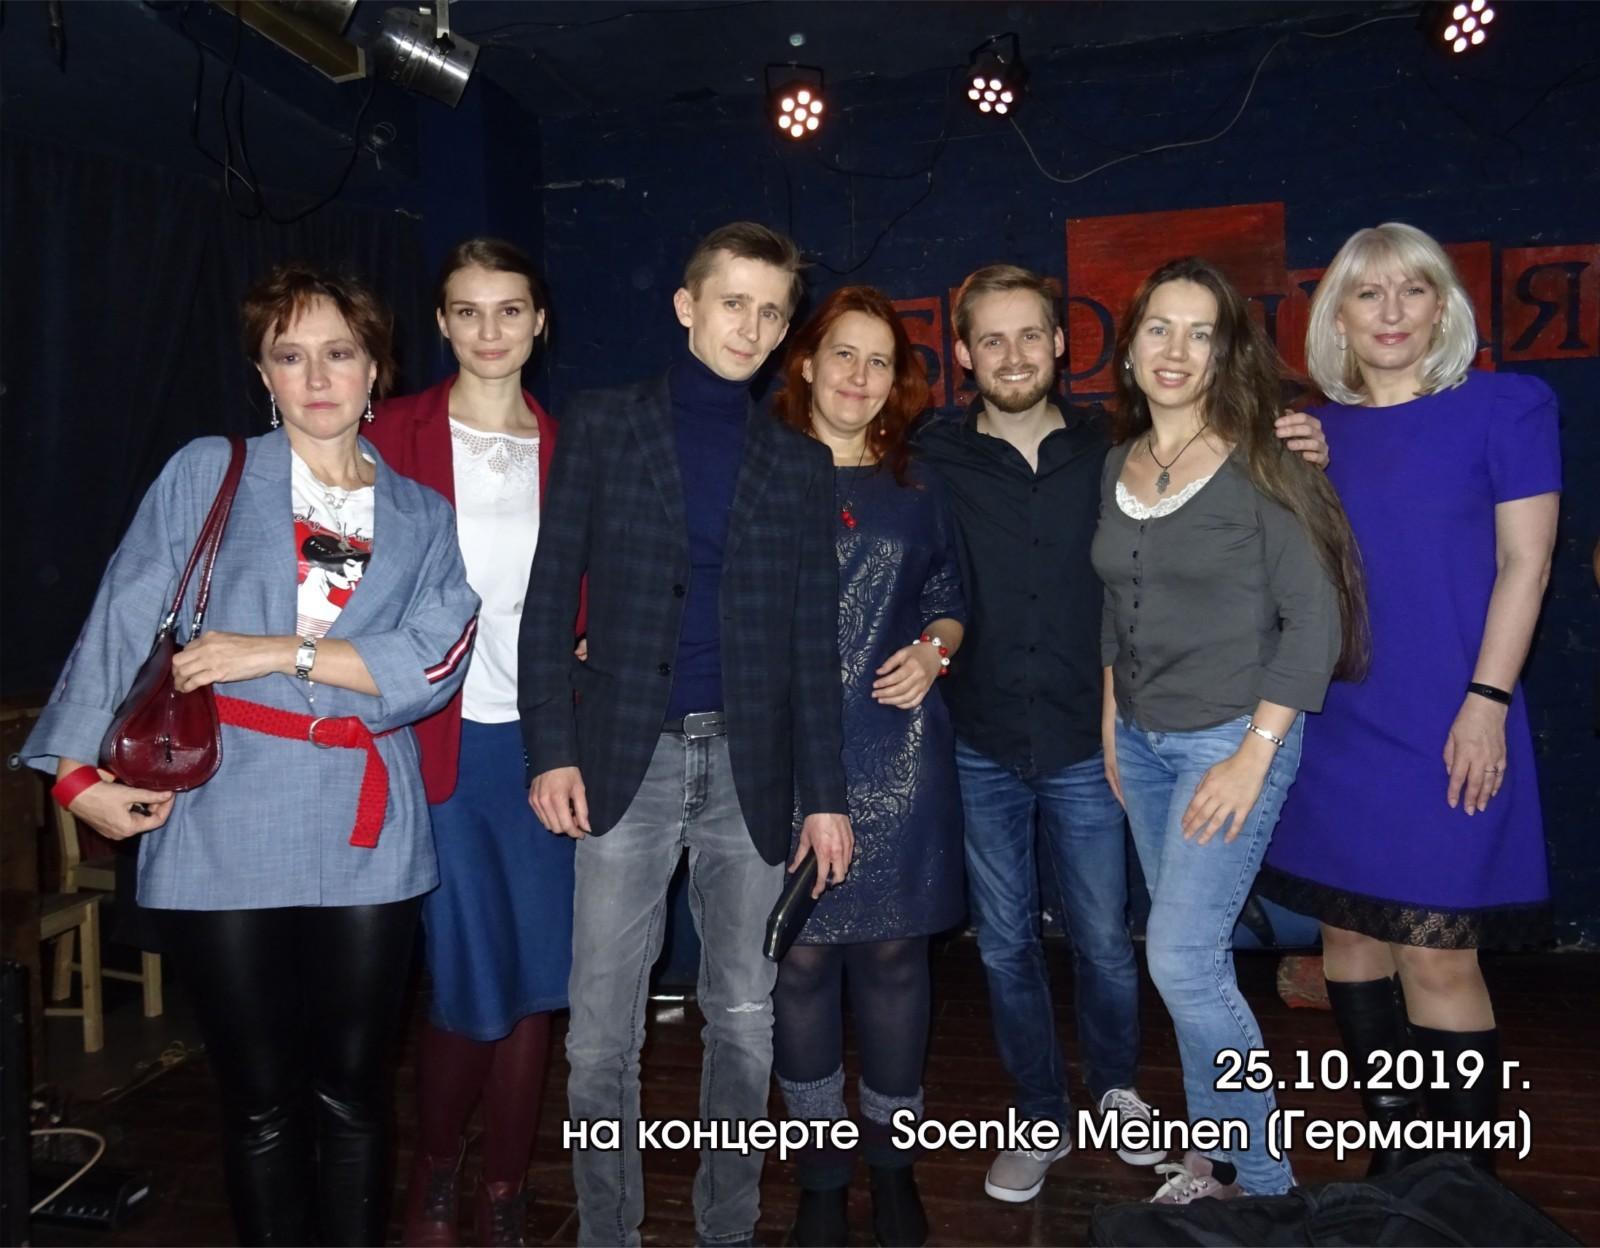 Soenke Meinen в Новосибирске/ Fingerstyle в Сибири